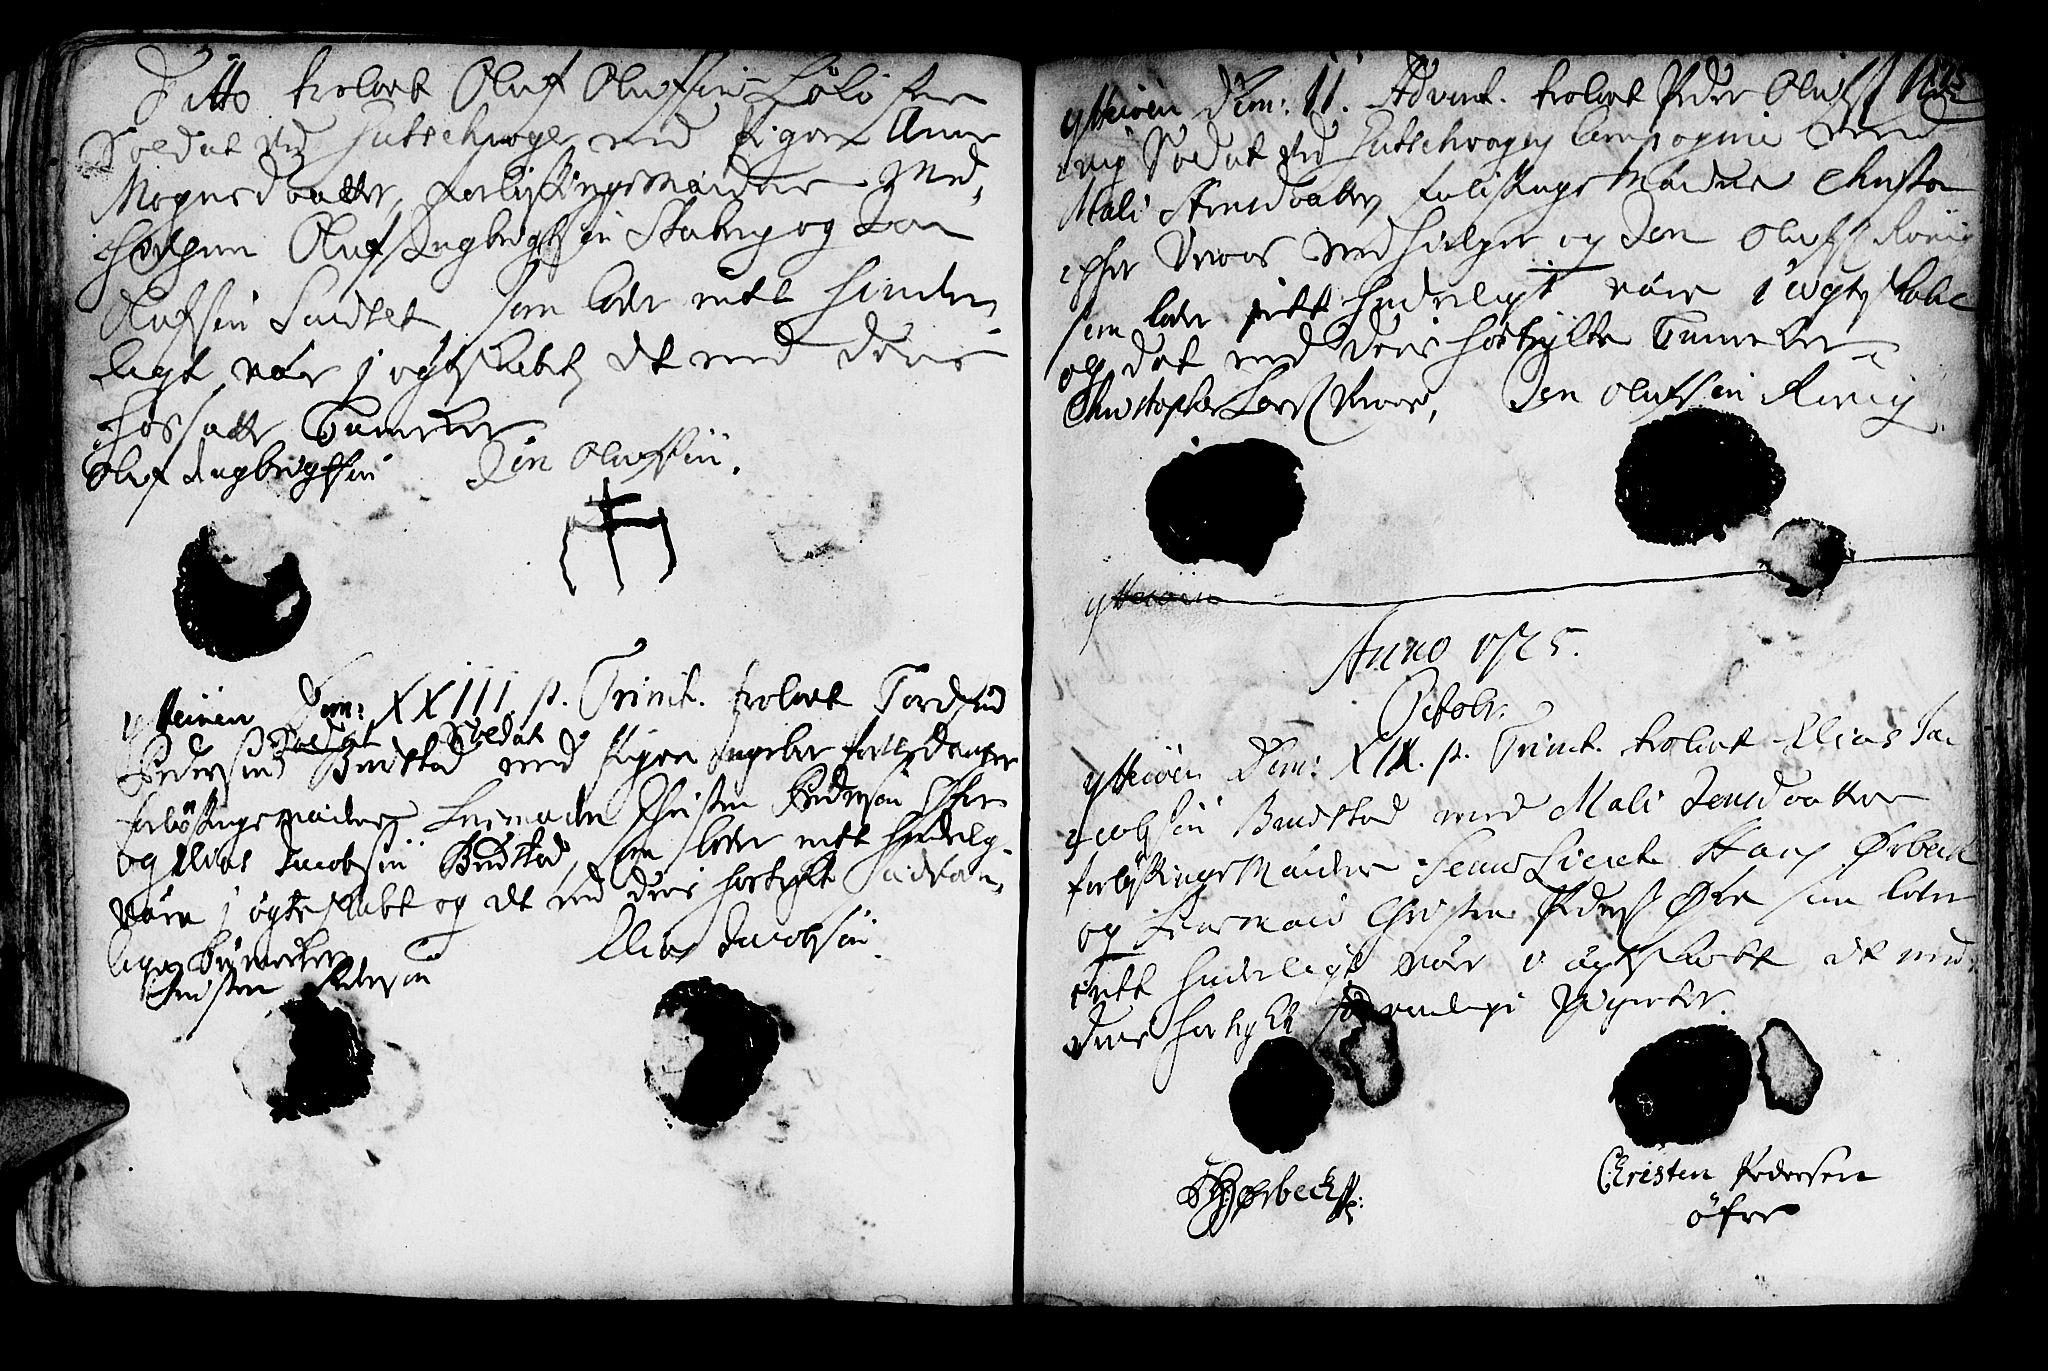 SAT, Ministerialprotokoller, klokkerbøker og fødselsregistre - Nord-Trøndelag, 722/L0215: Ministerialbok nr. 722A02, 1718-1755, s. 175